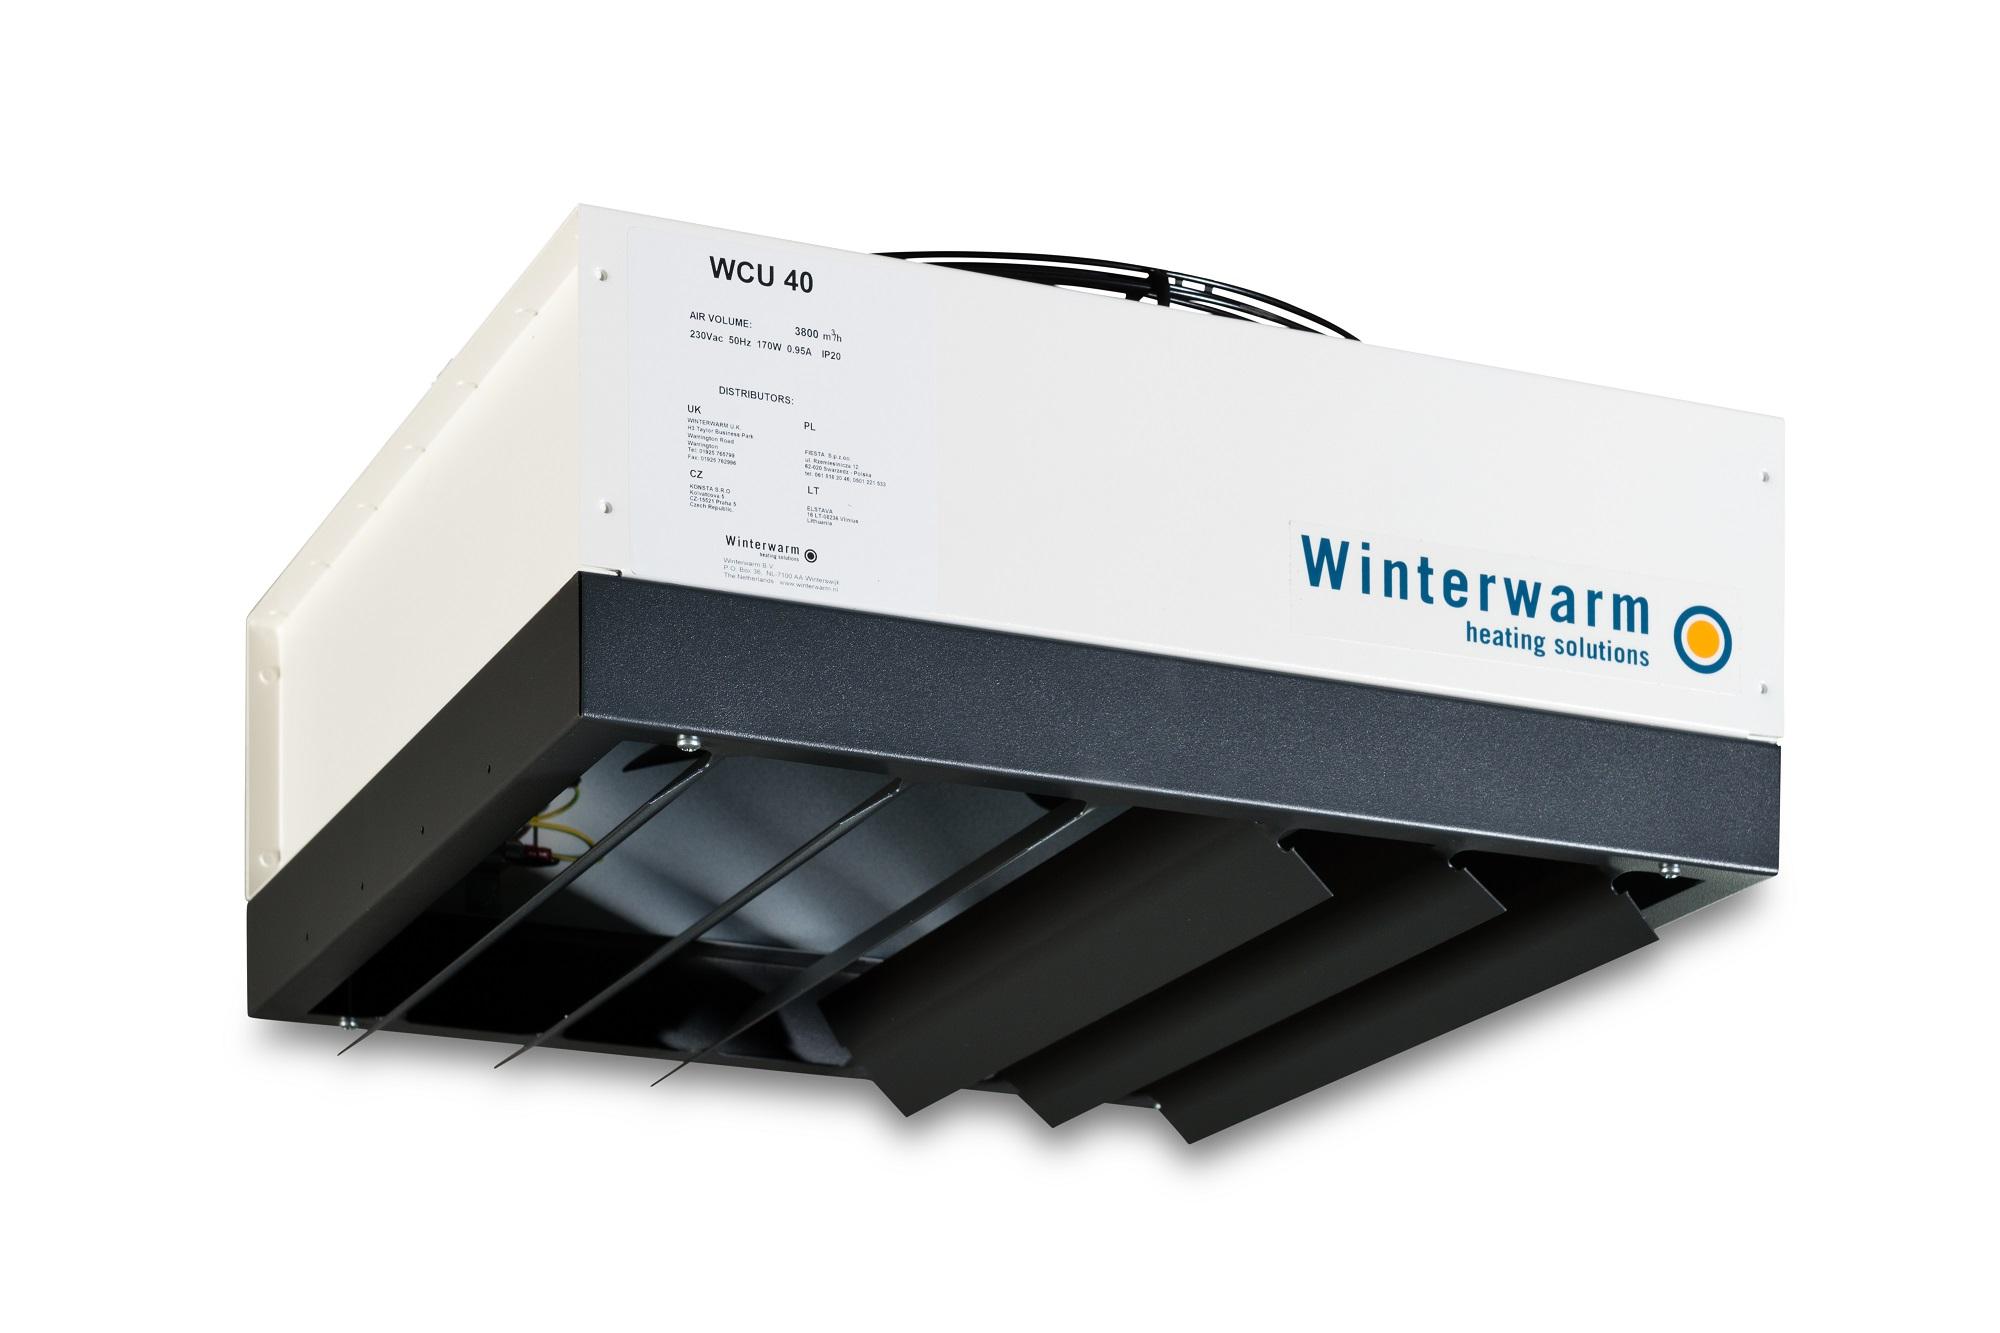 WCU 40